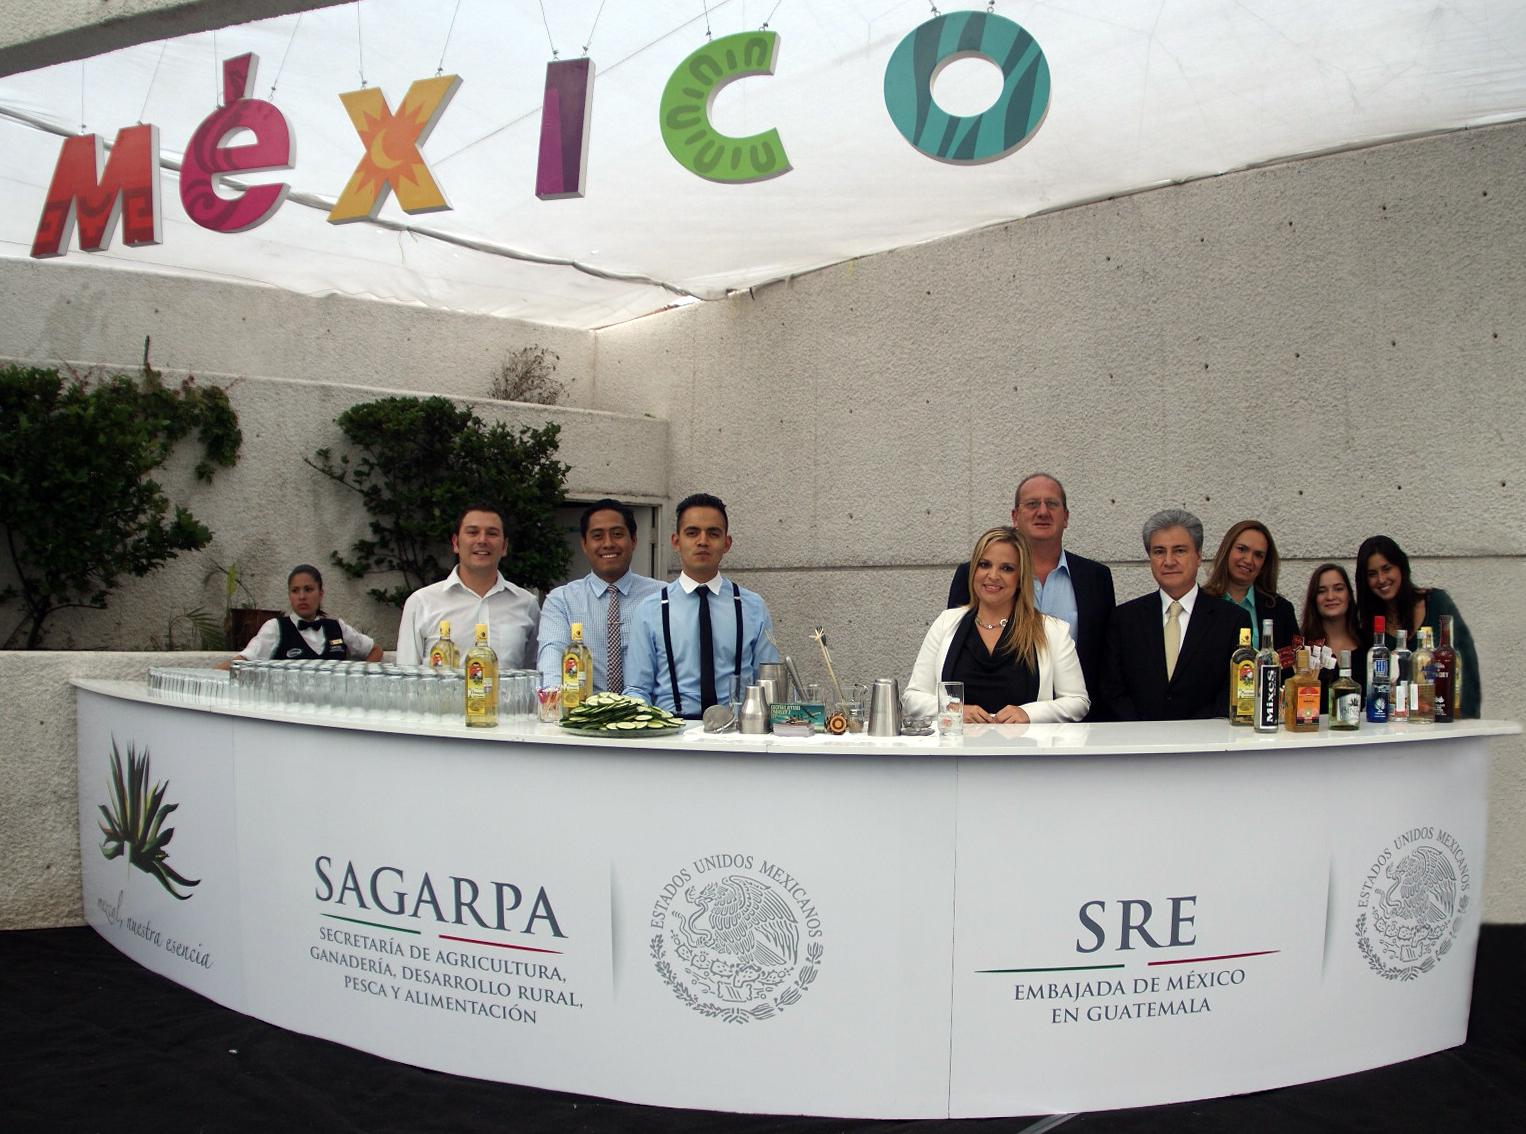 La SAGARPA promovió que 112 agroempresas mexicanas asistieran, durante mayo, a ferias y misiones comerciales organizadas por la Agencia de Servicios a la Comercialización y Desarrollo de Mercados Agropecuarios (ASERCA).